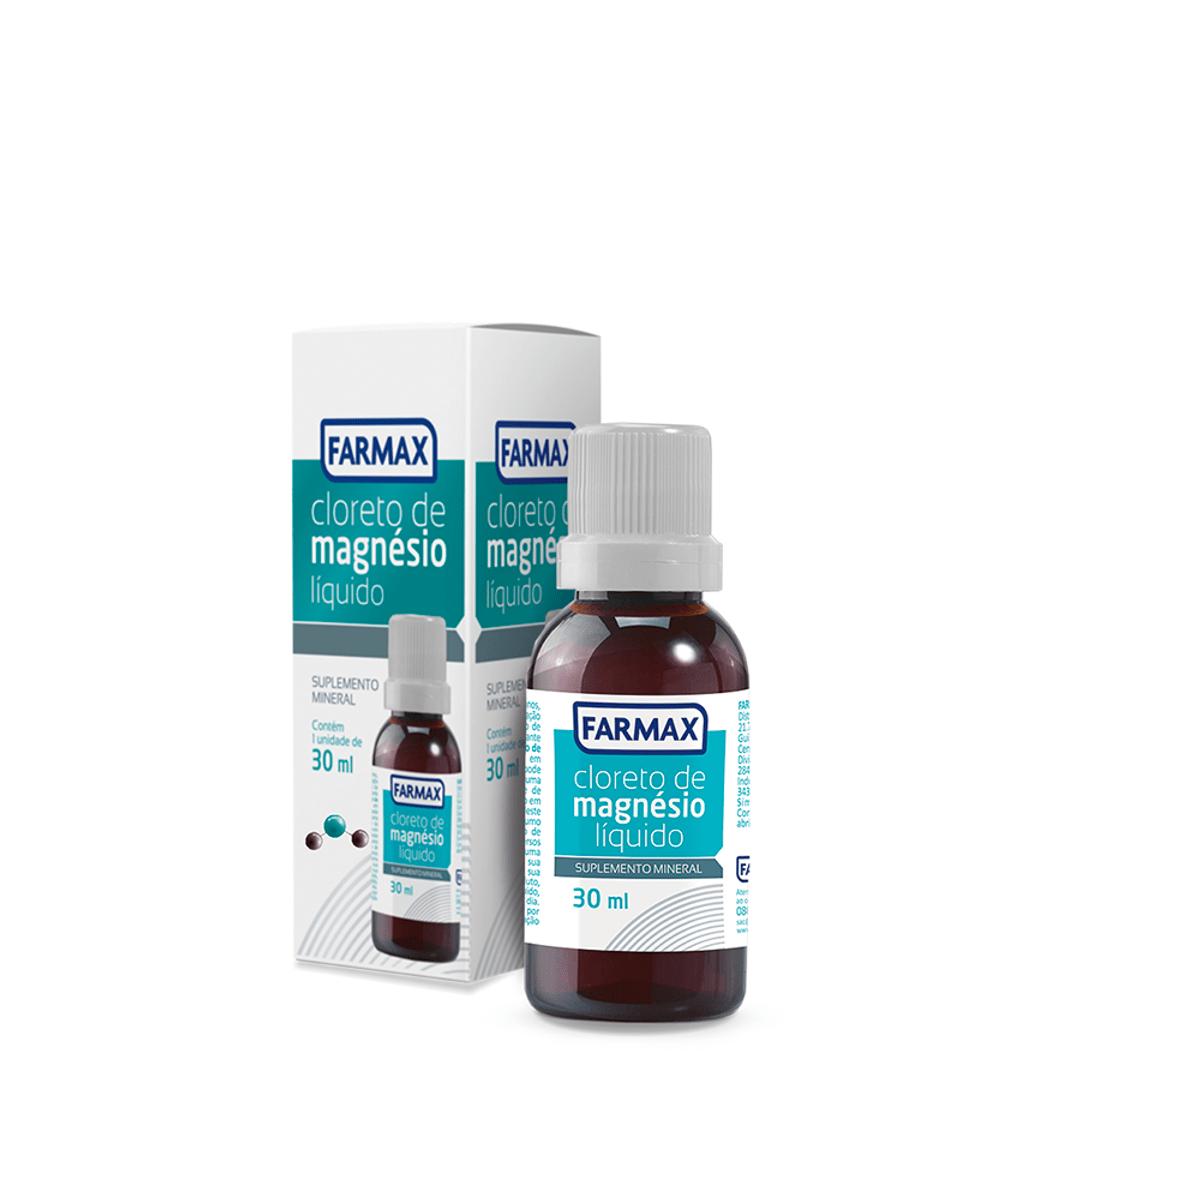 CLORETO-DE-MAGNESIO-LIQUIDO-FARMAX-30ML